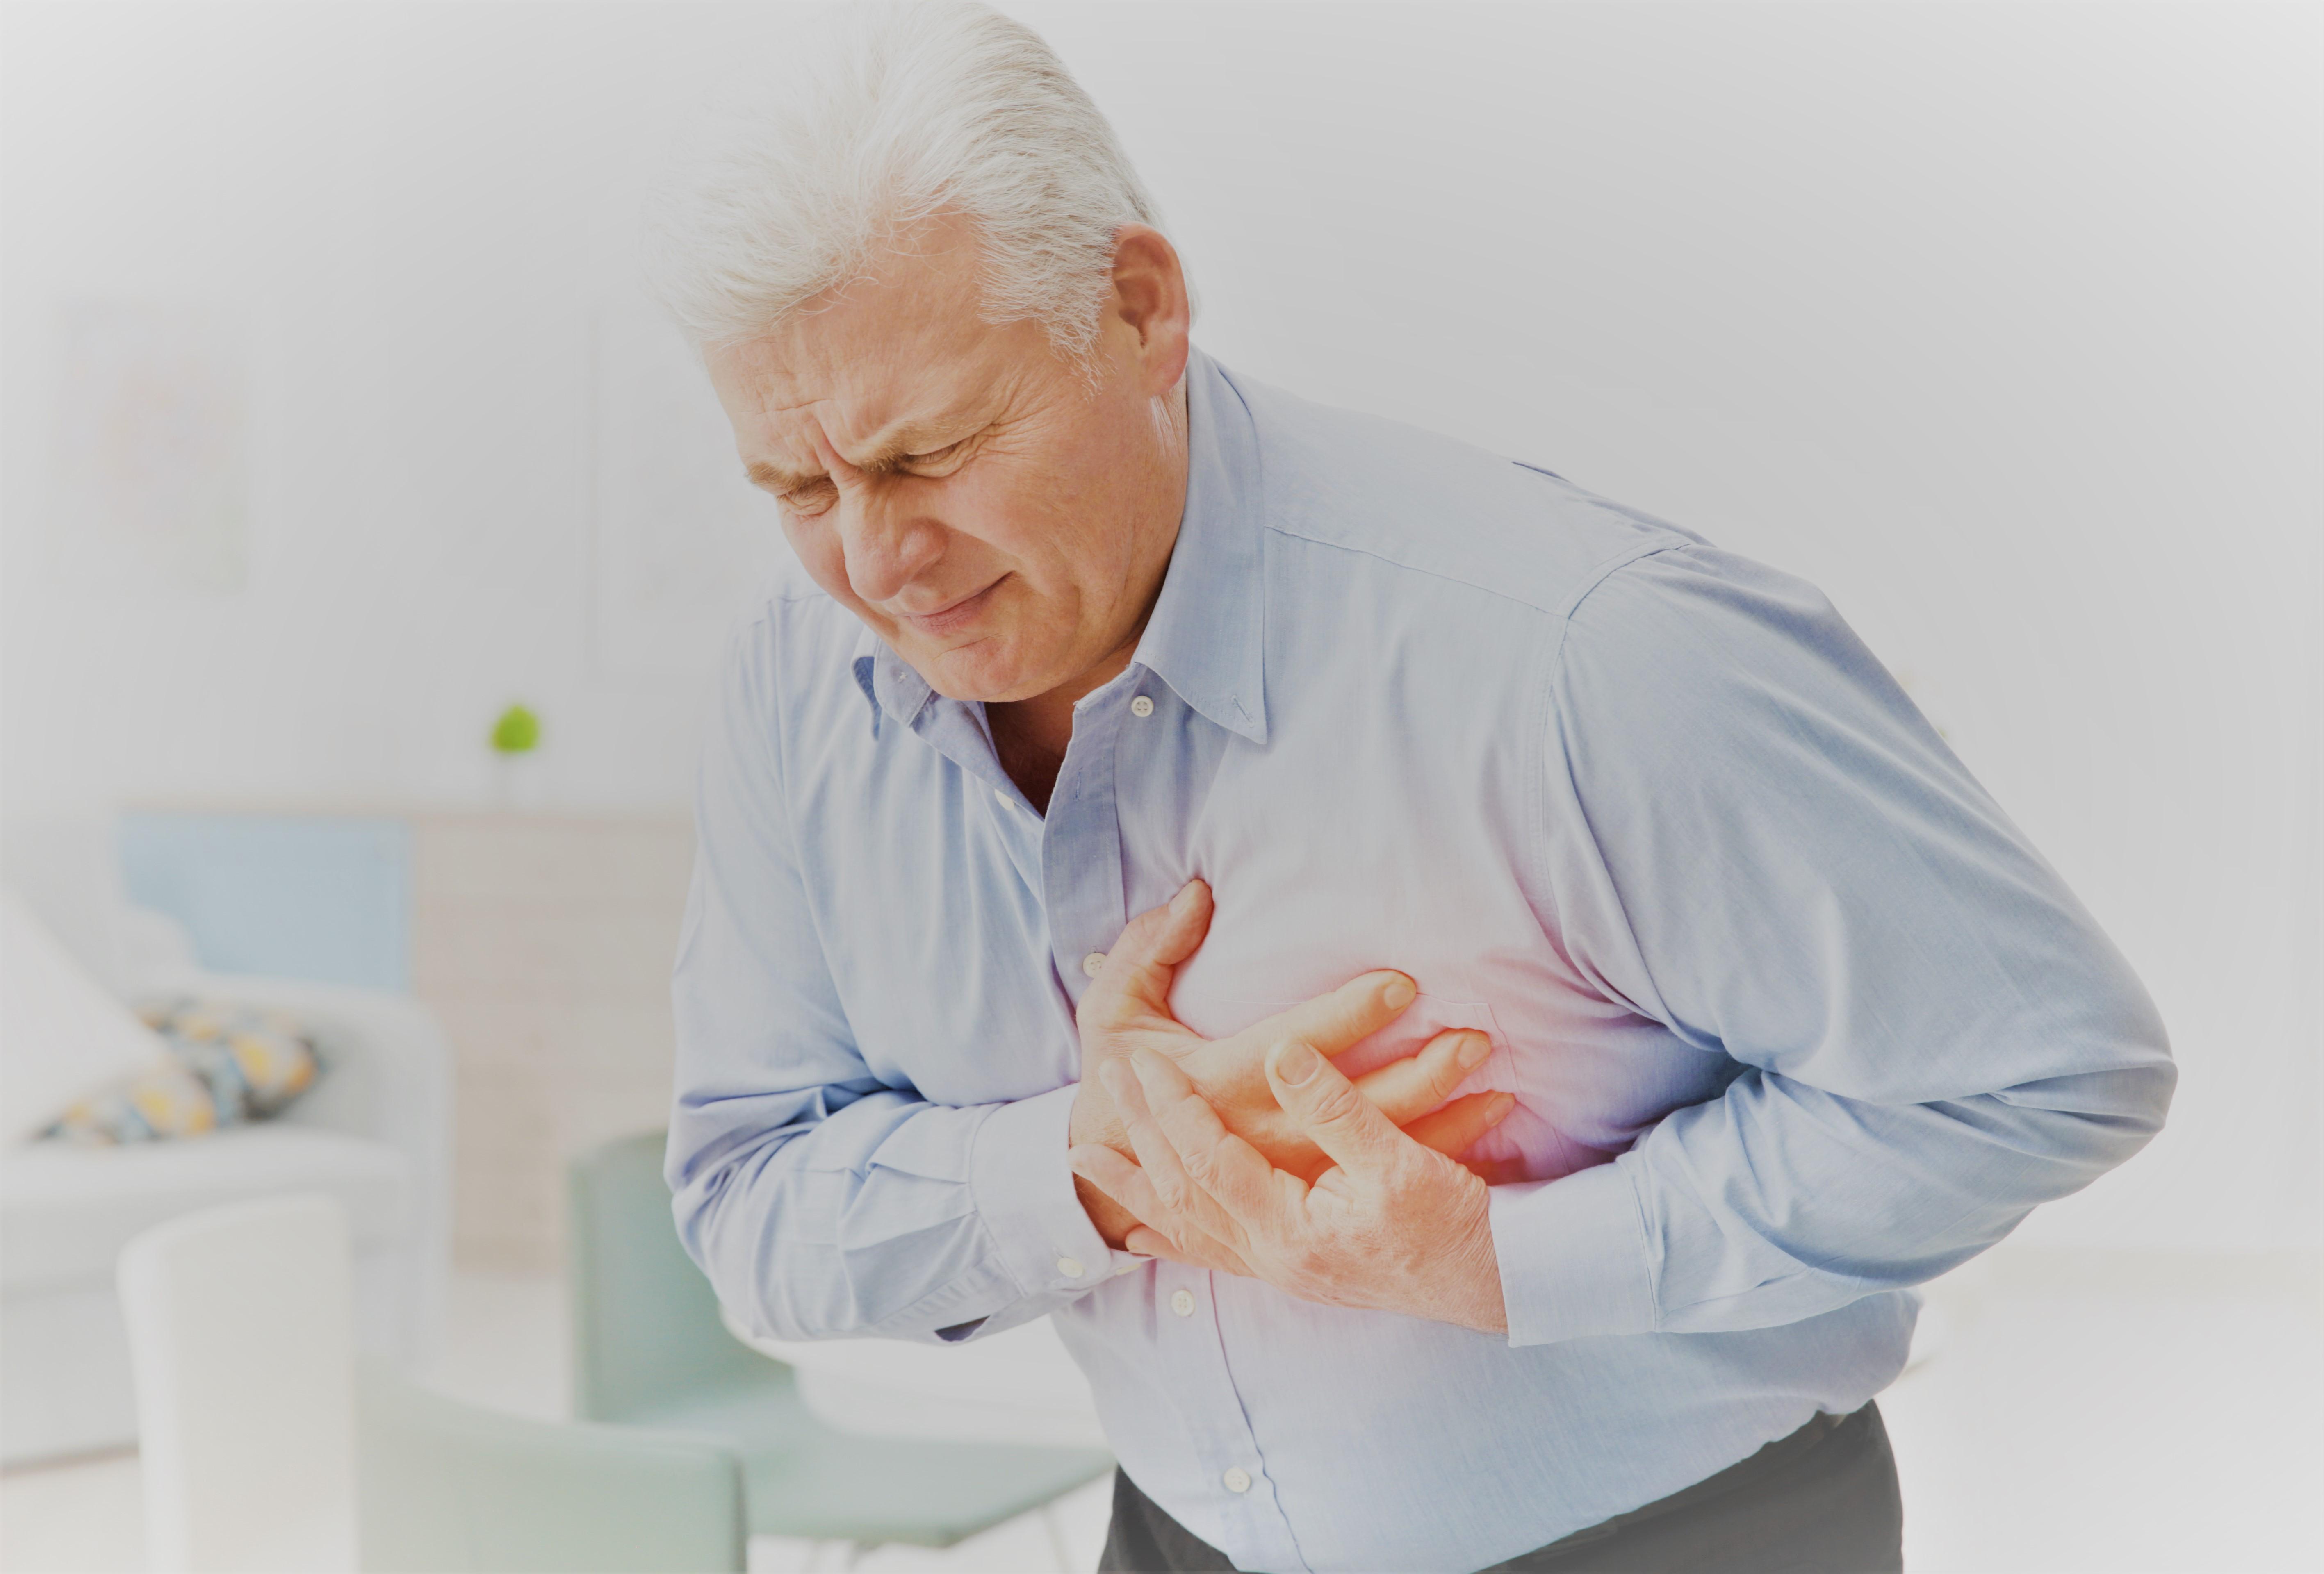 ízületek gyomor fájdalmat okoznak